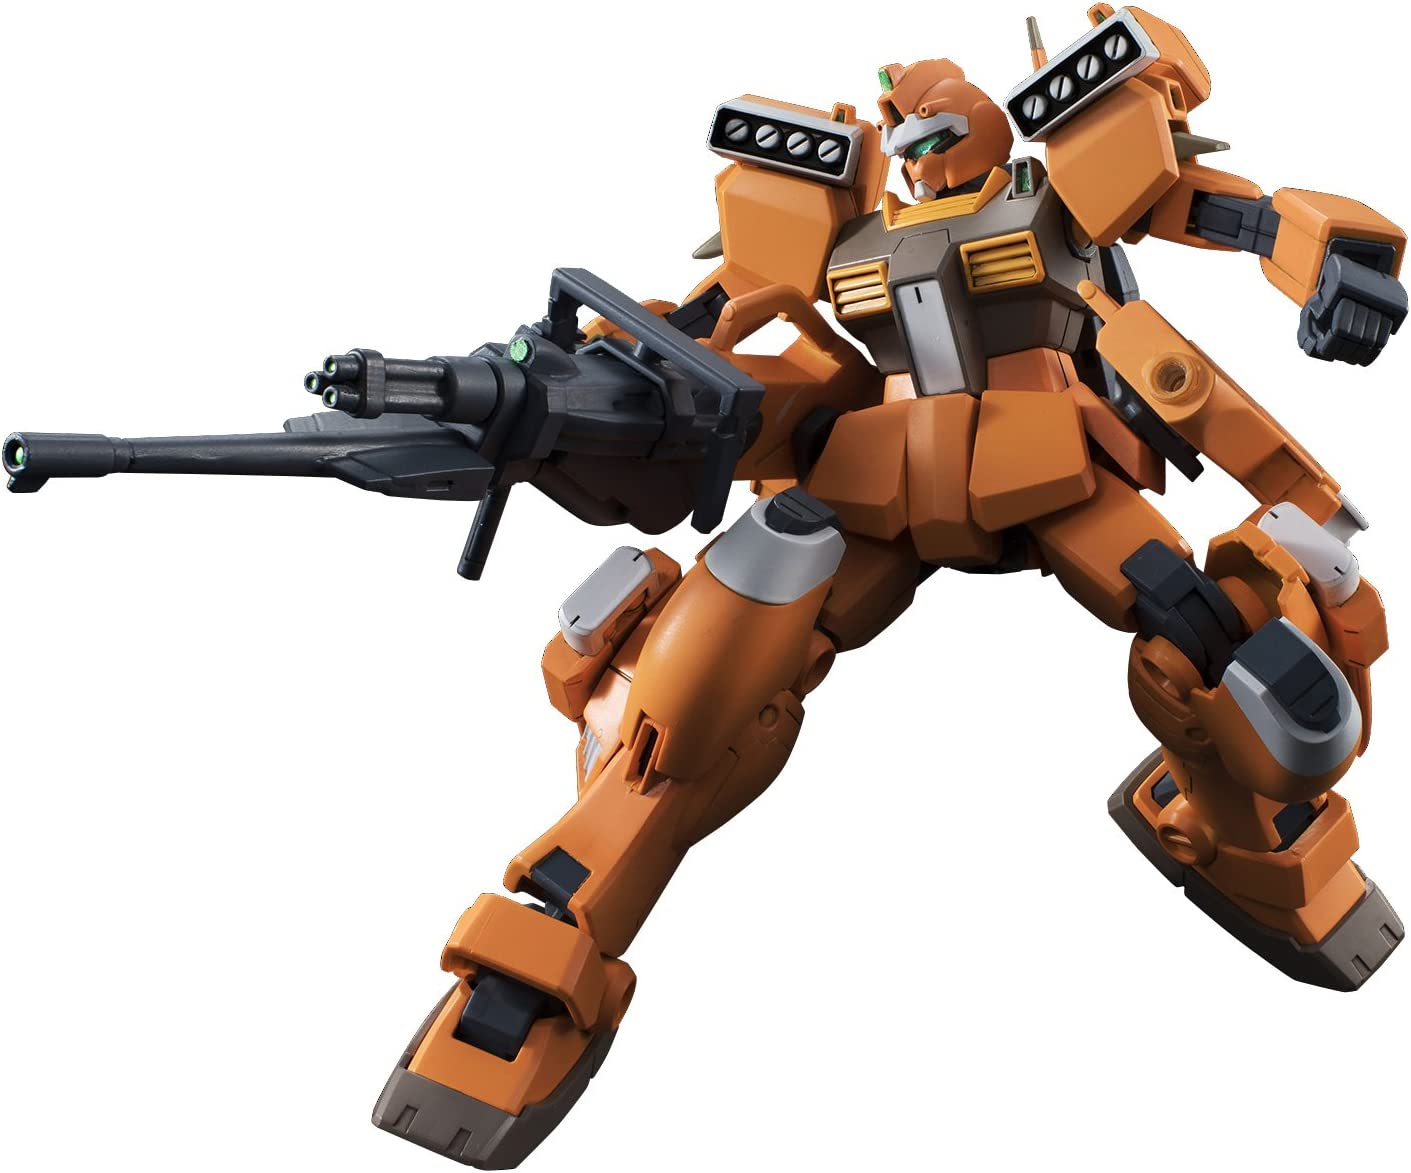 16Pcs Outils de mod/élisme Gundam Kit doutils de construction de passe-temps professionnel Mod/élisateur doutils de base Ensemble dartisanat pour la construction la r/éparation de mod/èles Gundam